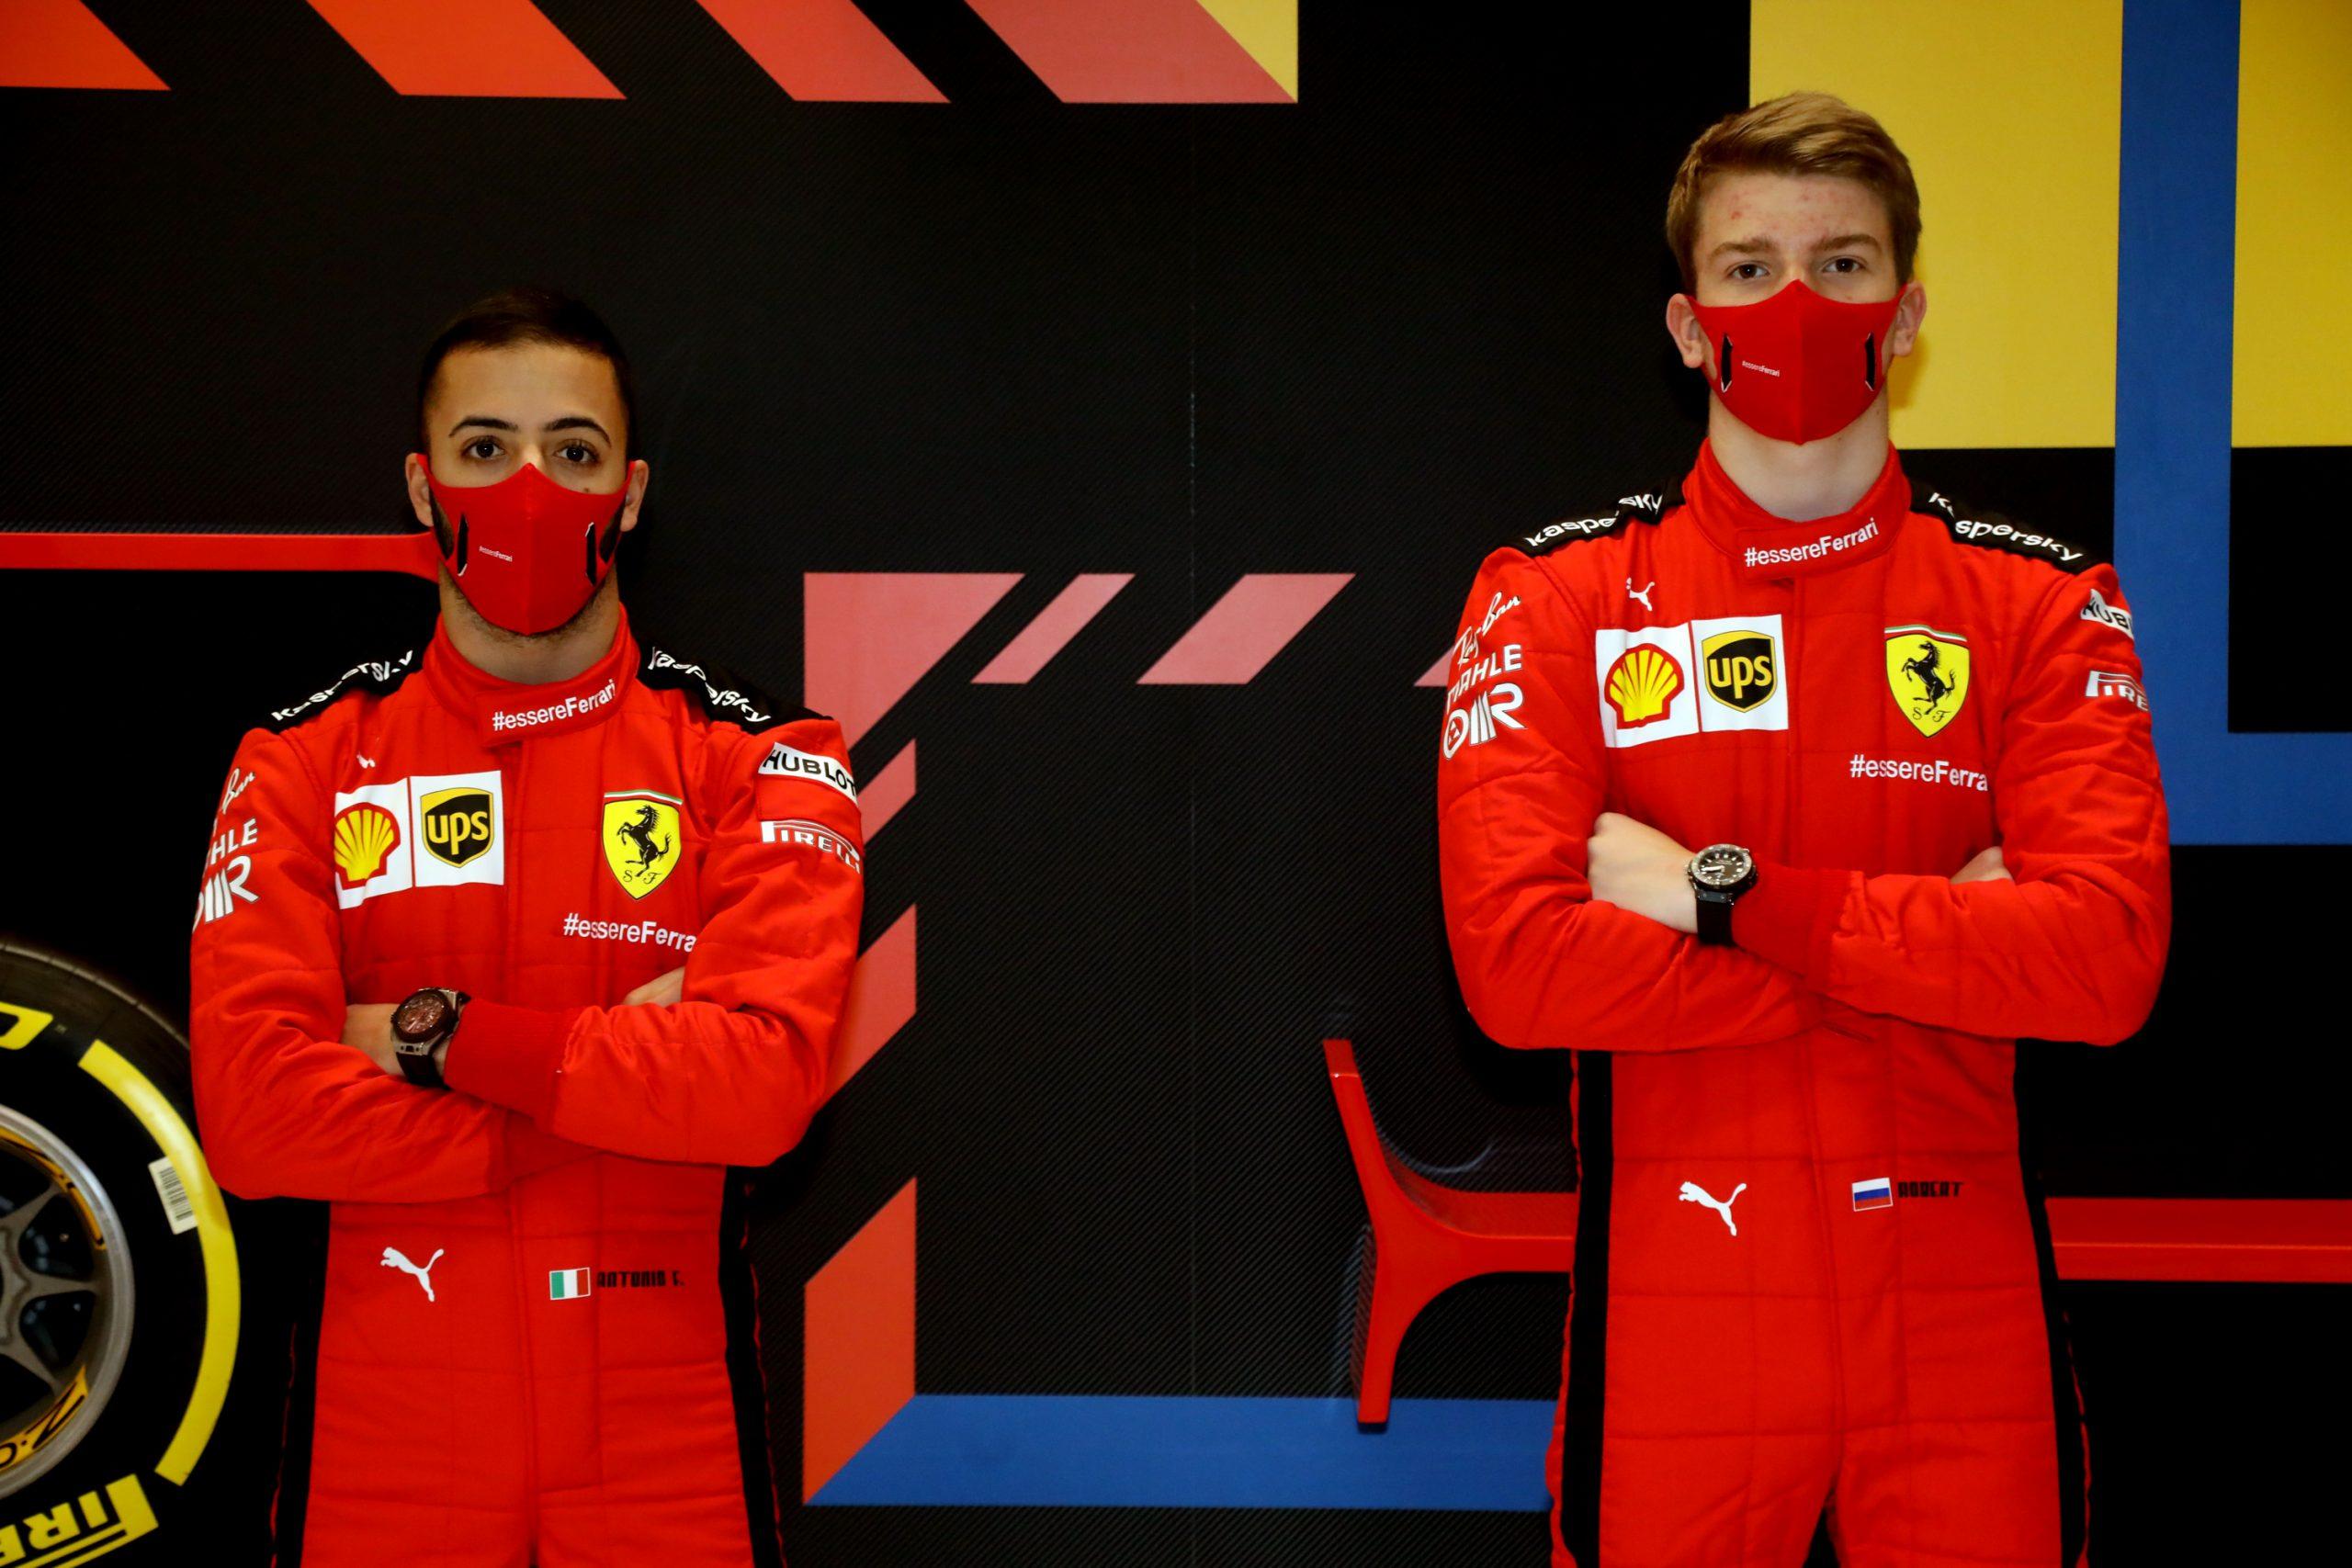 Ferrari confirme ses pilotes pour les tests d'Abou Dhabi - La Scuderia Ferrari a confirmé les noms de ses deux pilotes qui seront en piste le 15 décembre pour les tests post-saison à Abou Dhabi